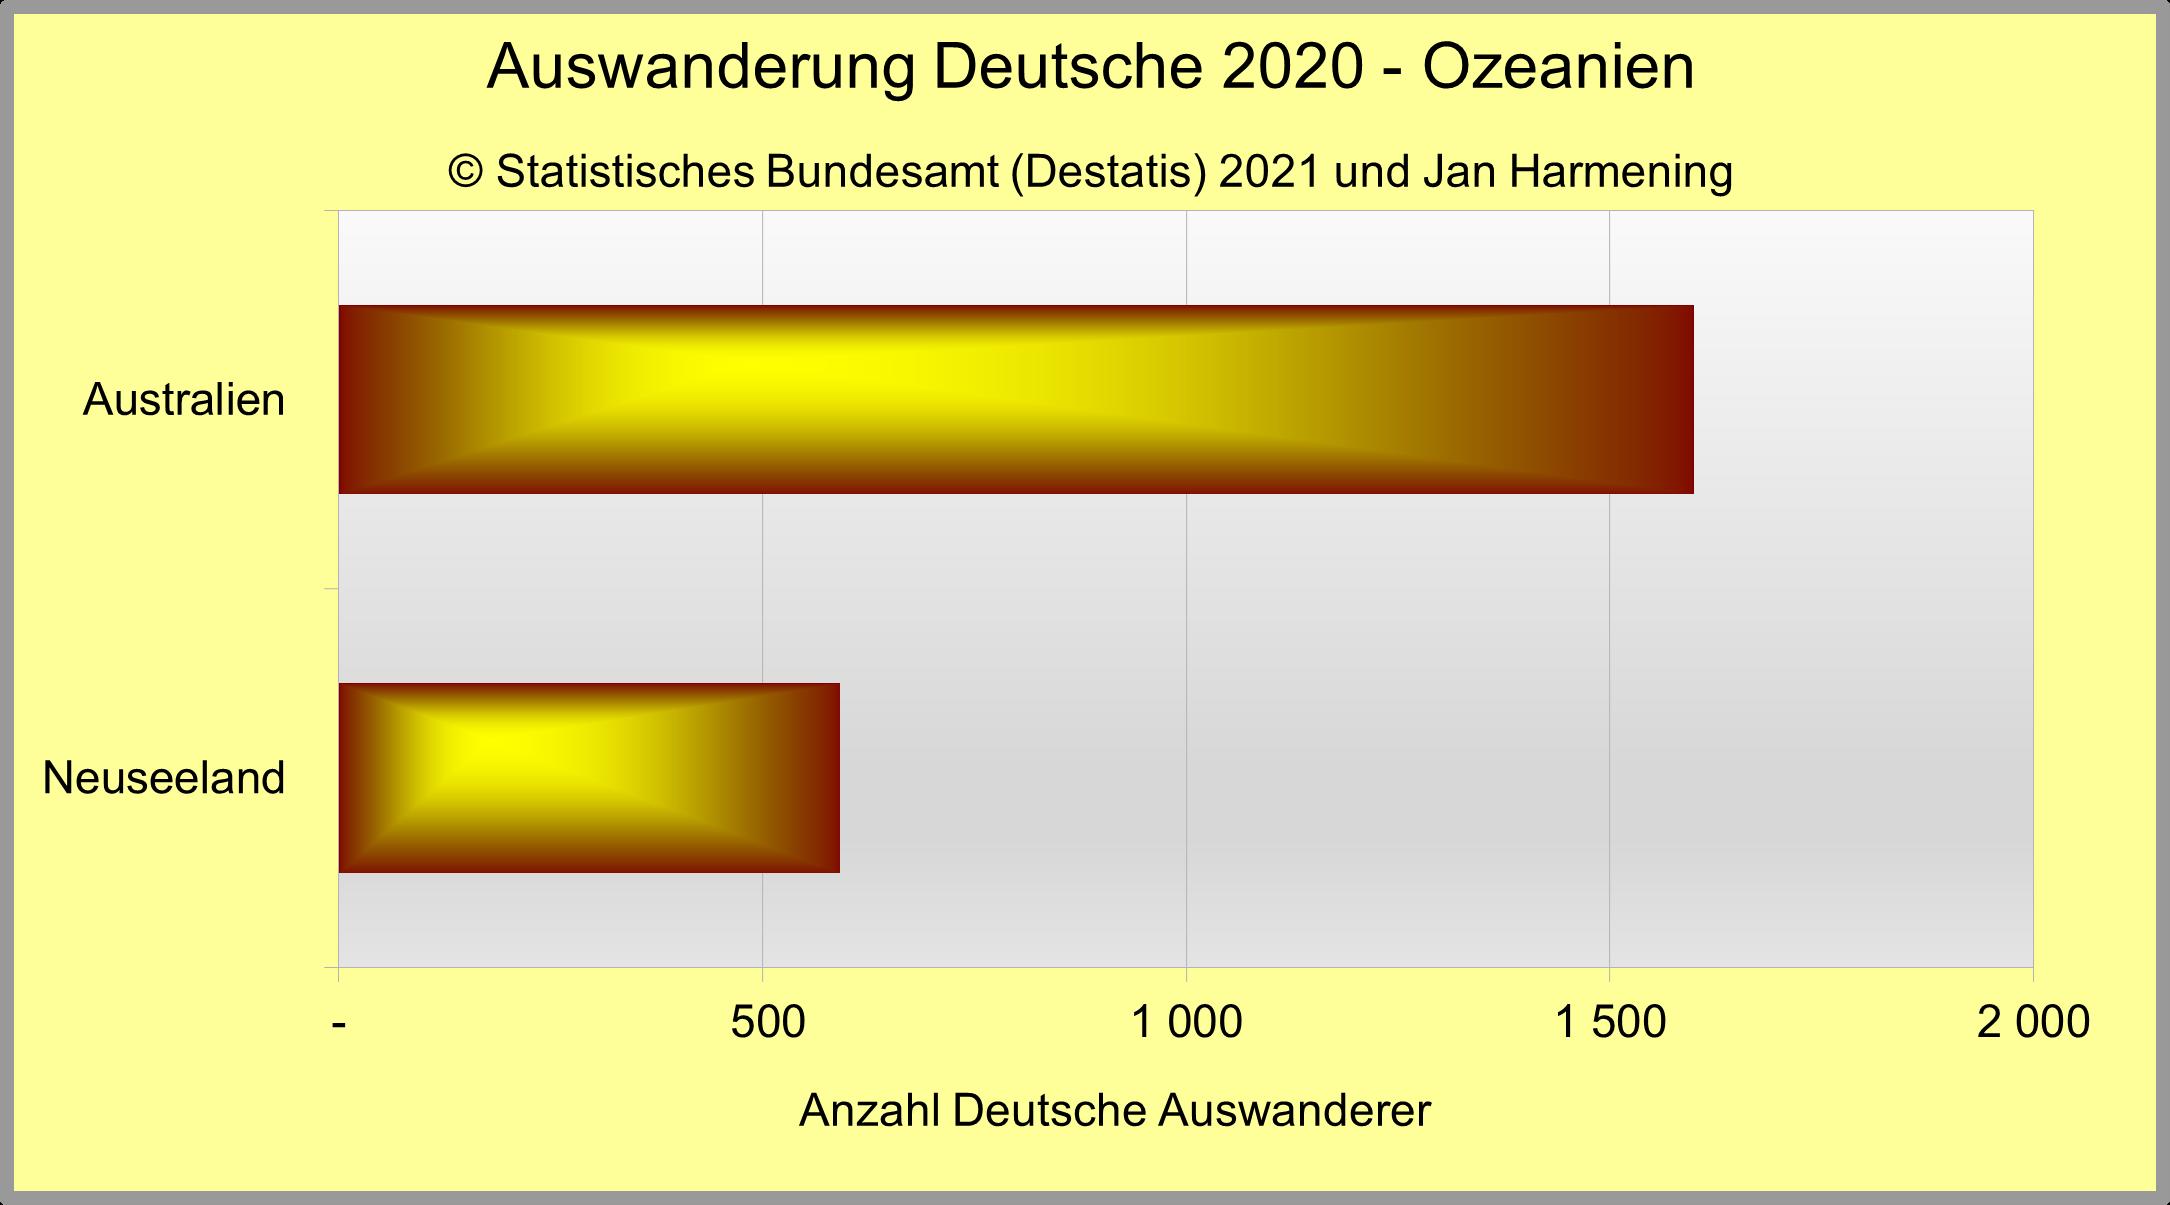 Auswanderung Deutsche 2020 - Ozeanien